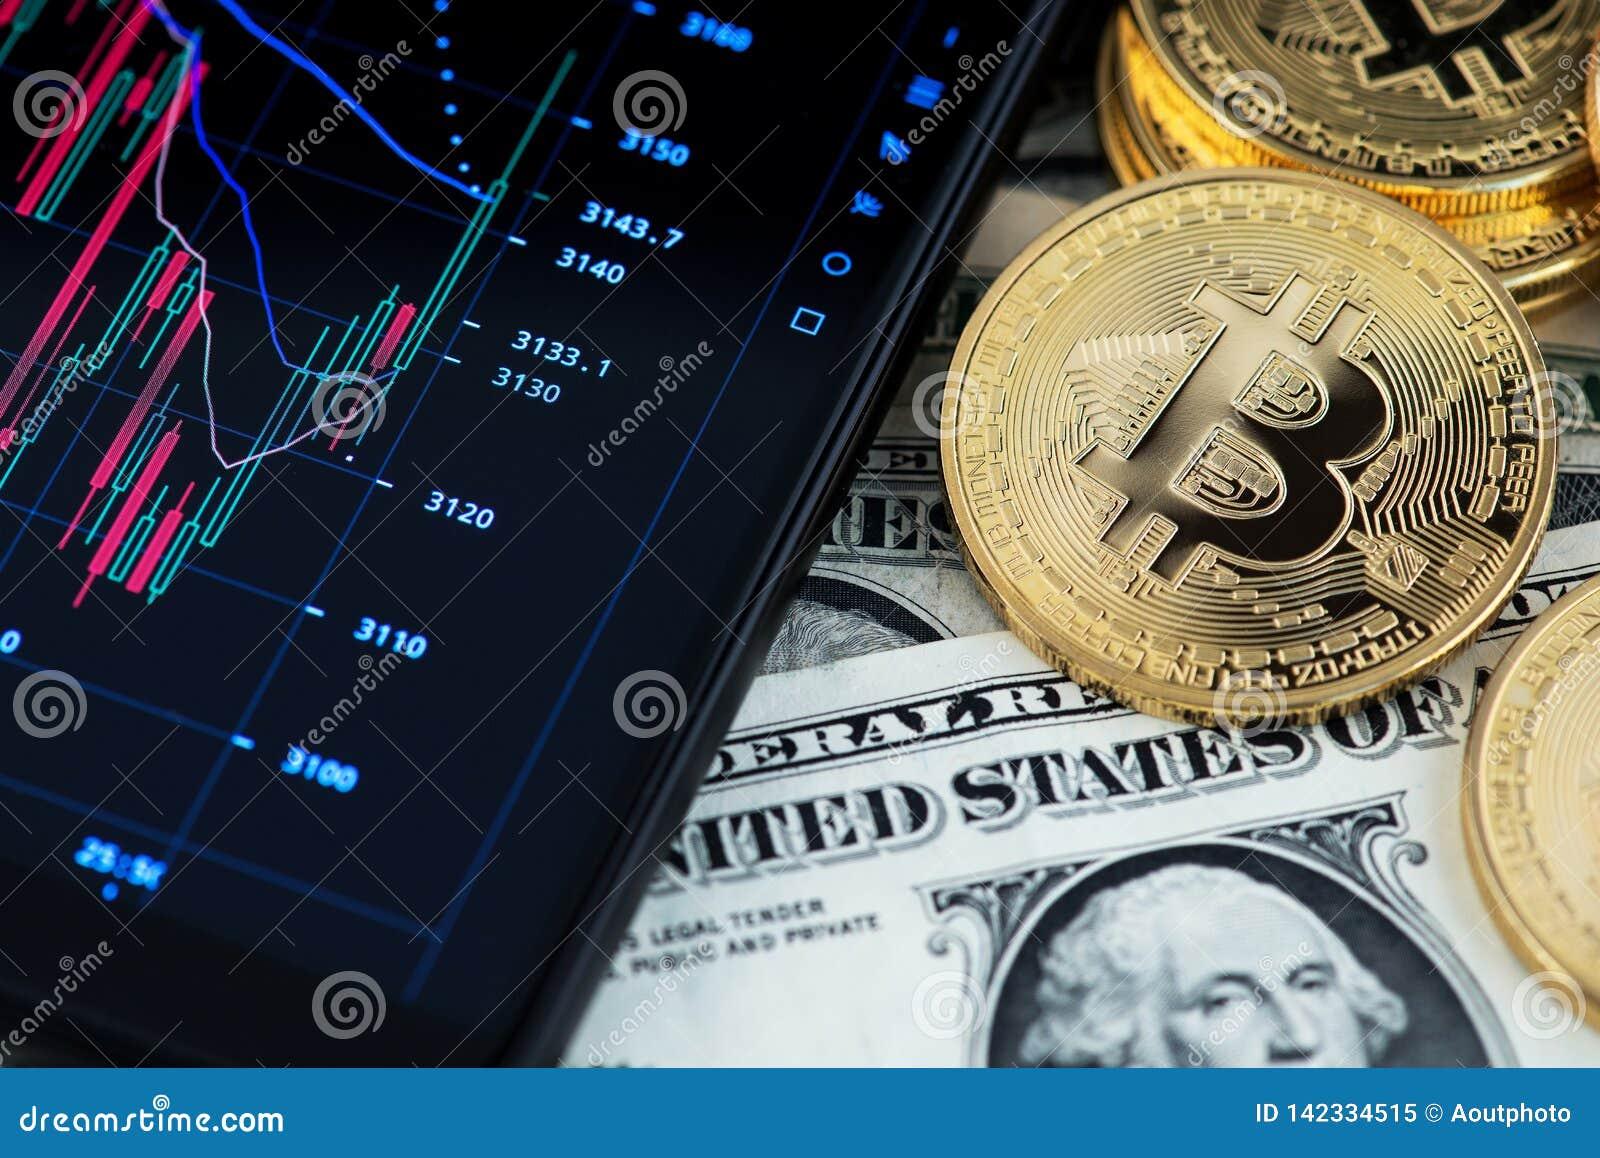 Cryptocurrency de Bitcoin y billetes de banco de un dólar americano al lado de la carta de la palmatoria de la demostración del t